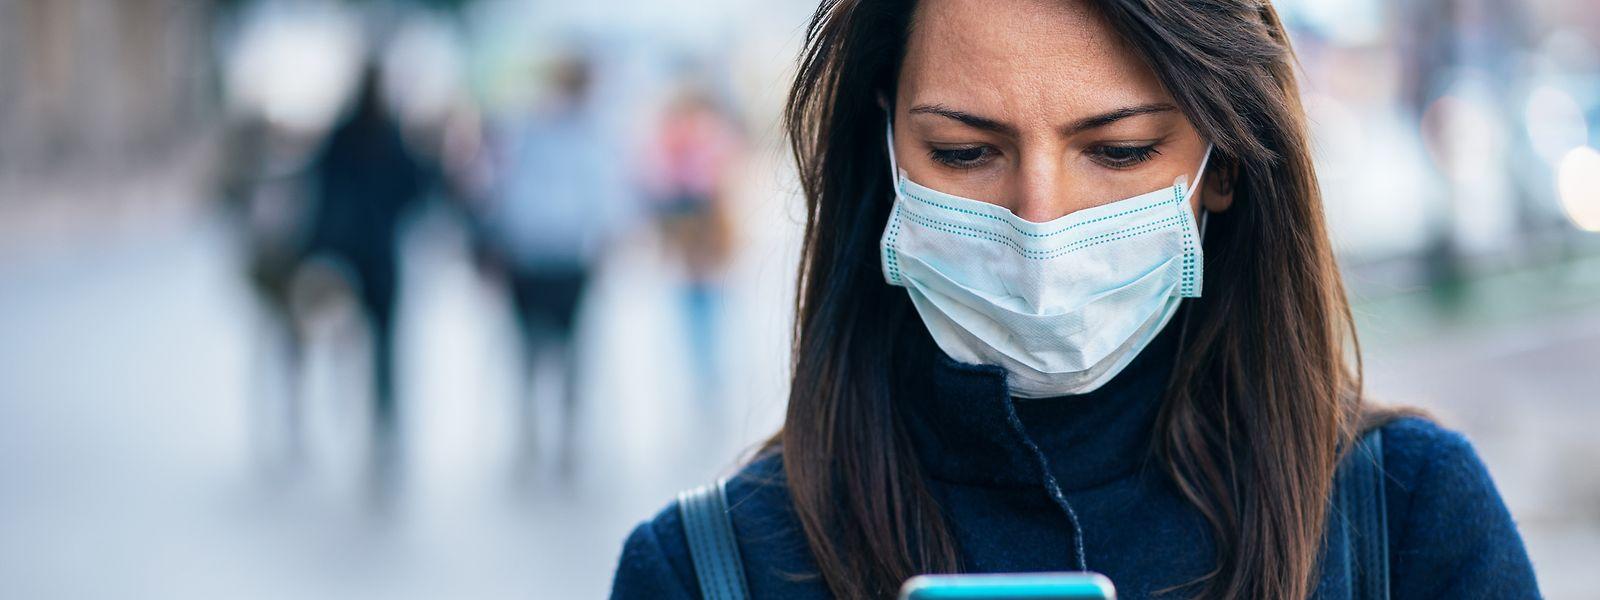 Handy-Apps sollen die Verbreitung des Virus bremsen.